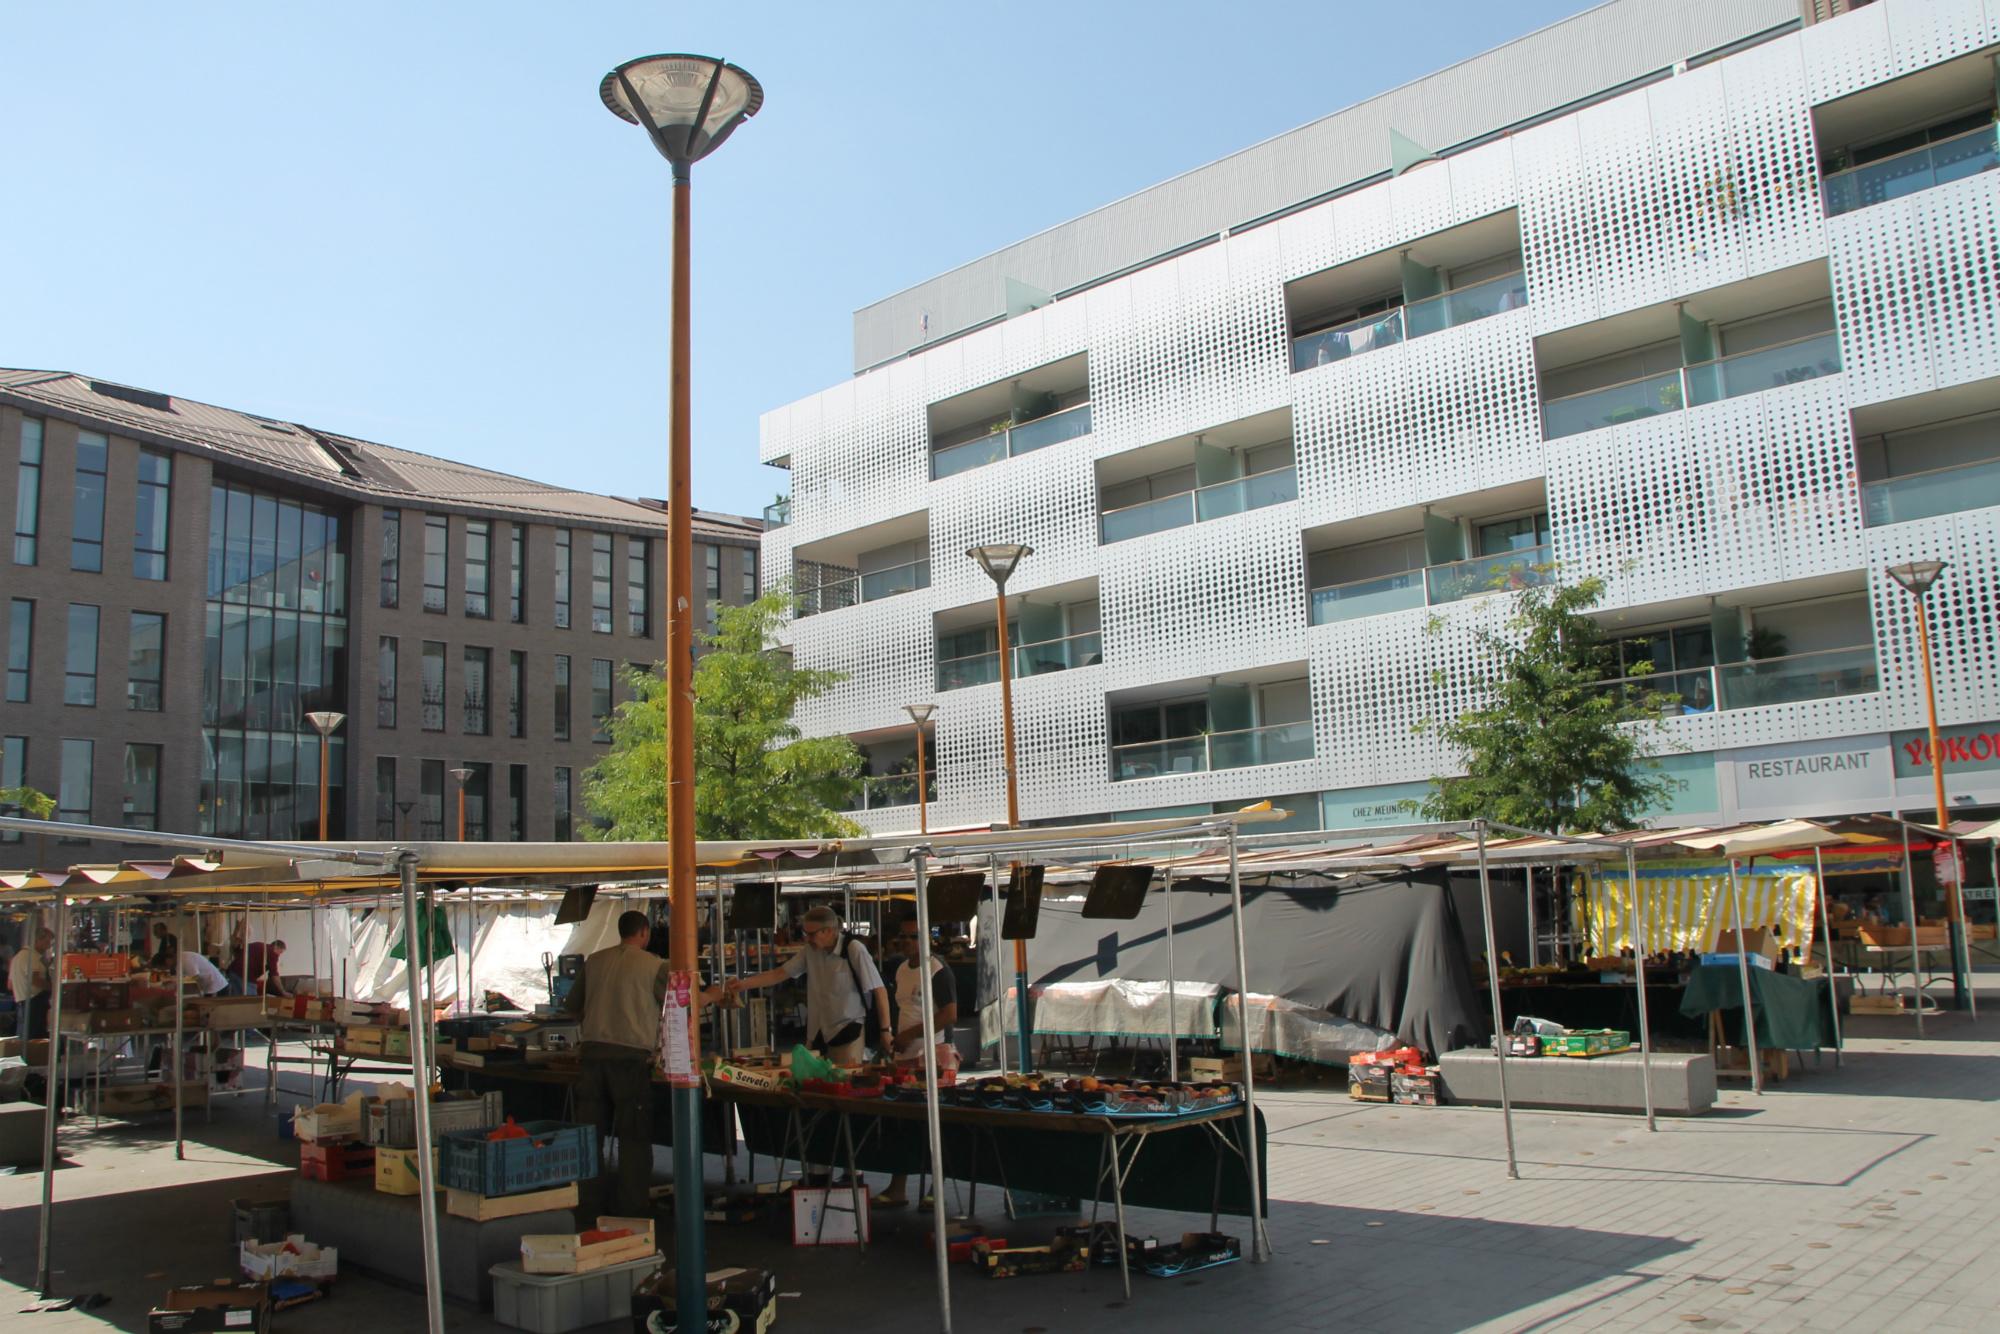 Mairie De Paris Food Market